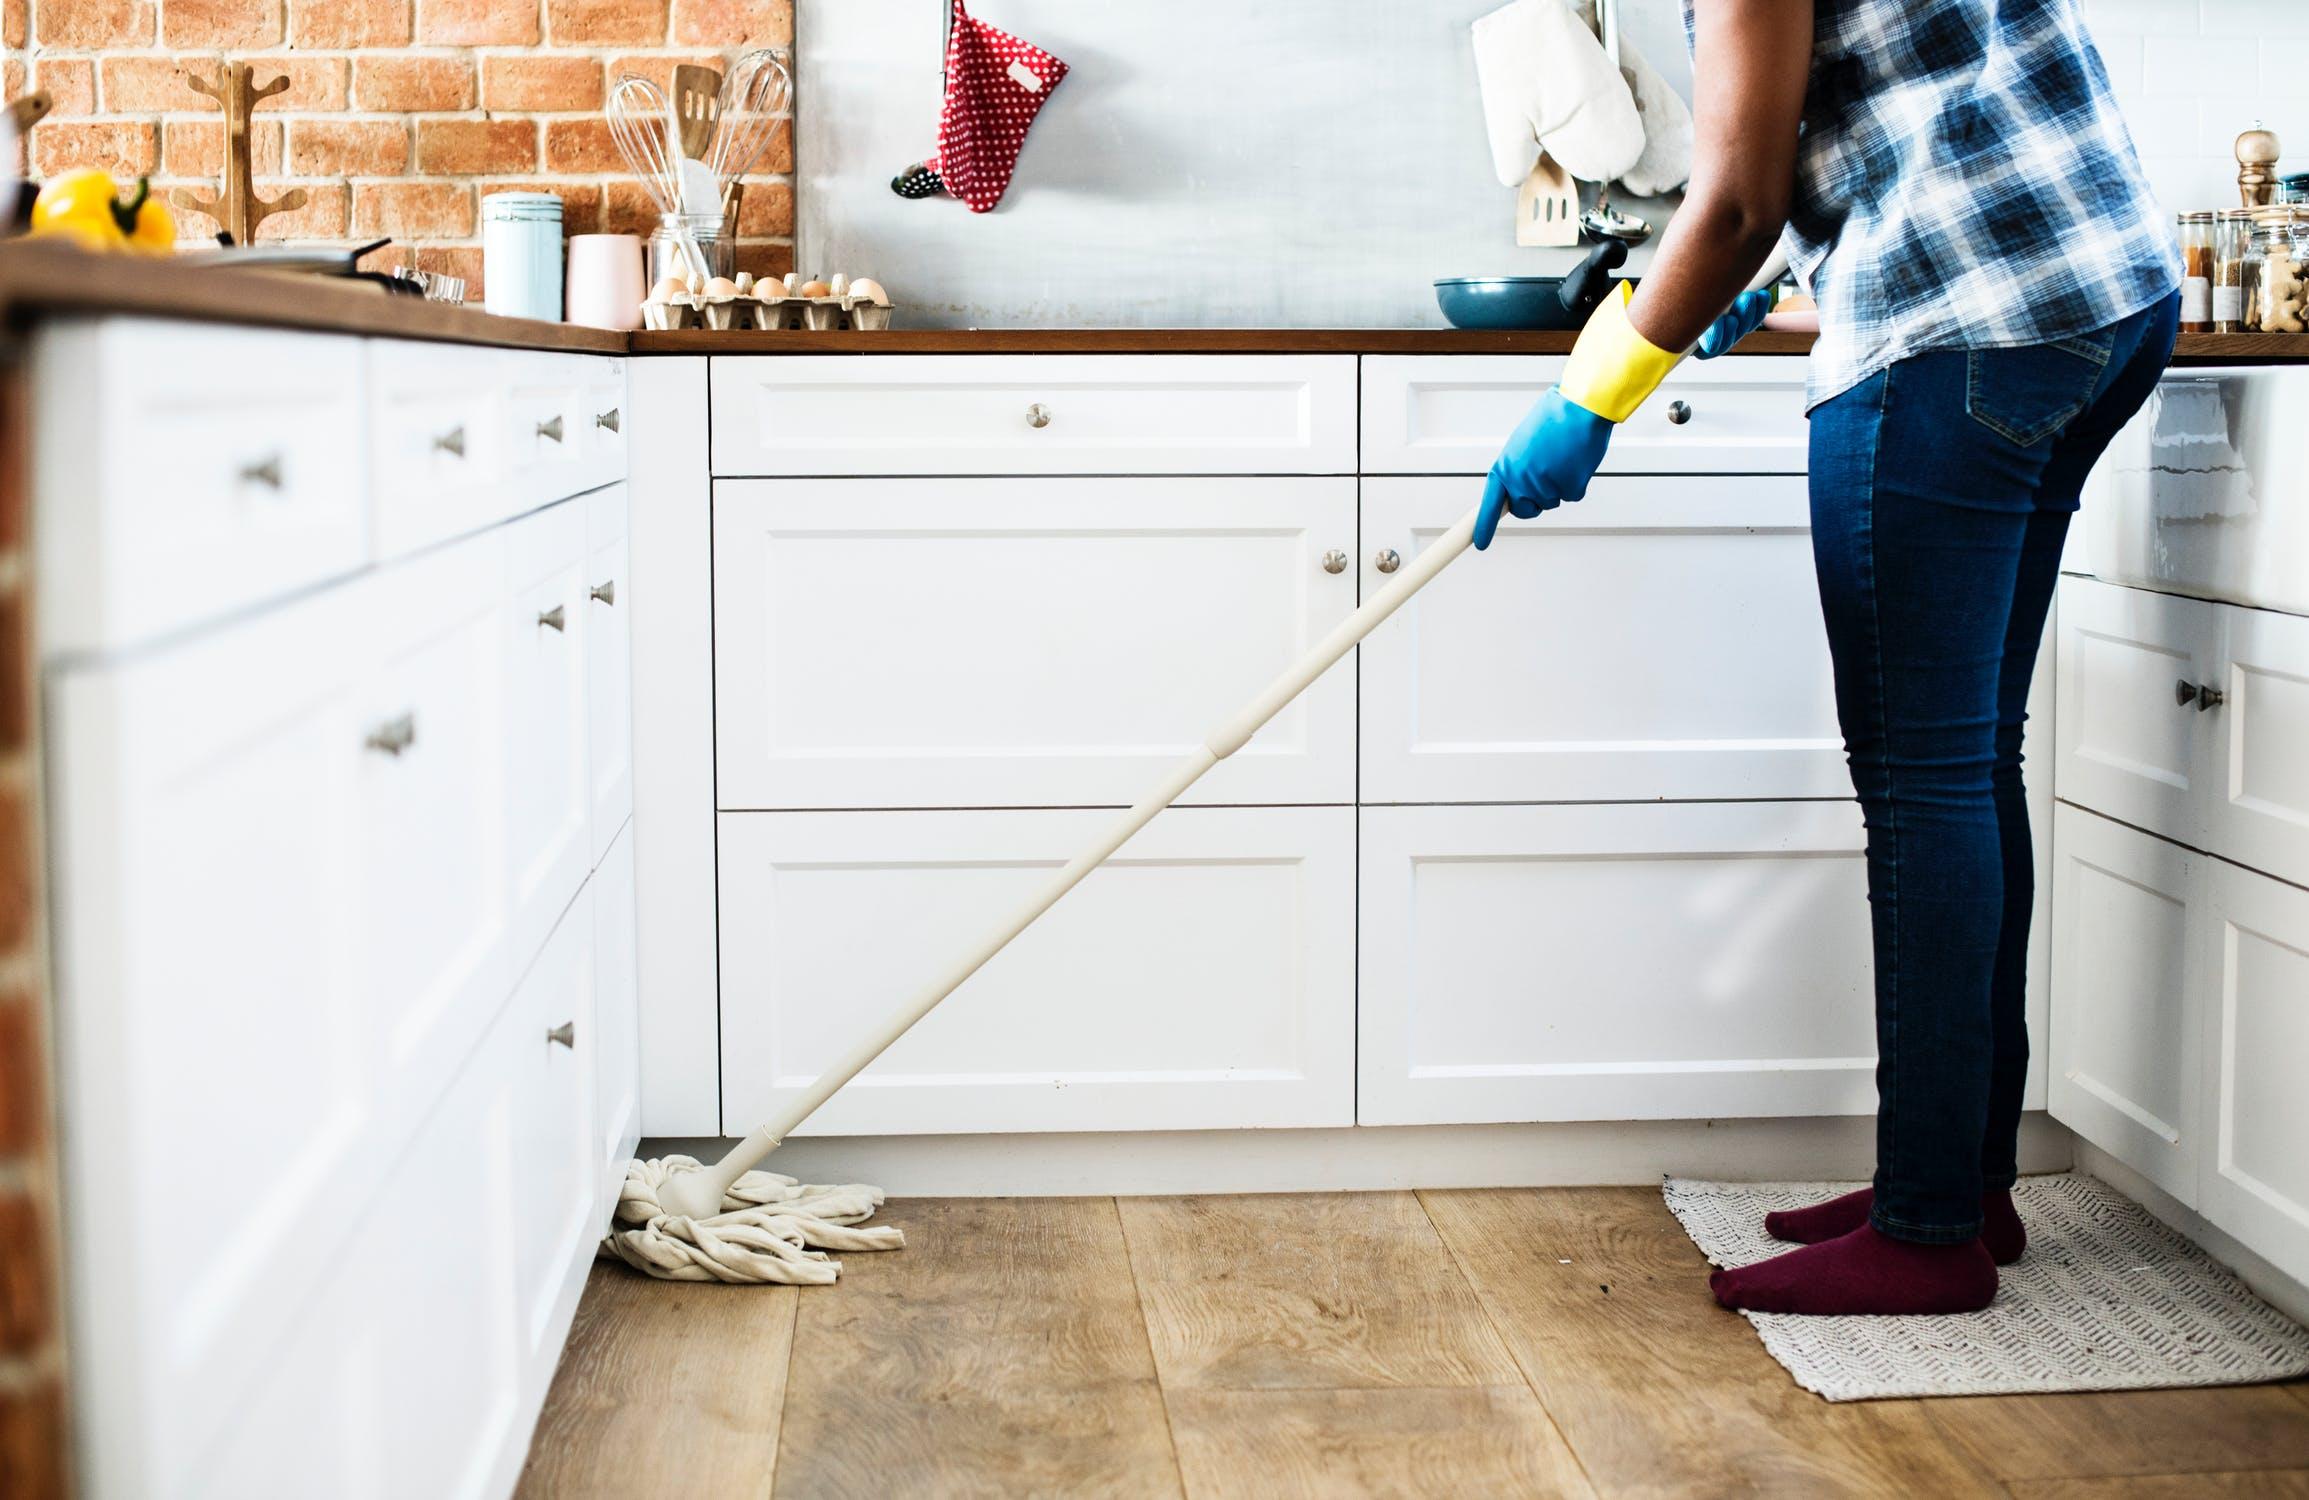 Alta servizi: i numeri uno nella pulizia degli ambienti